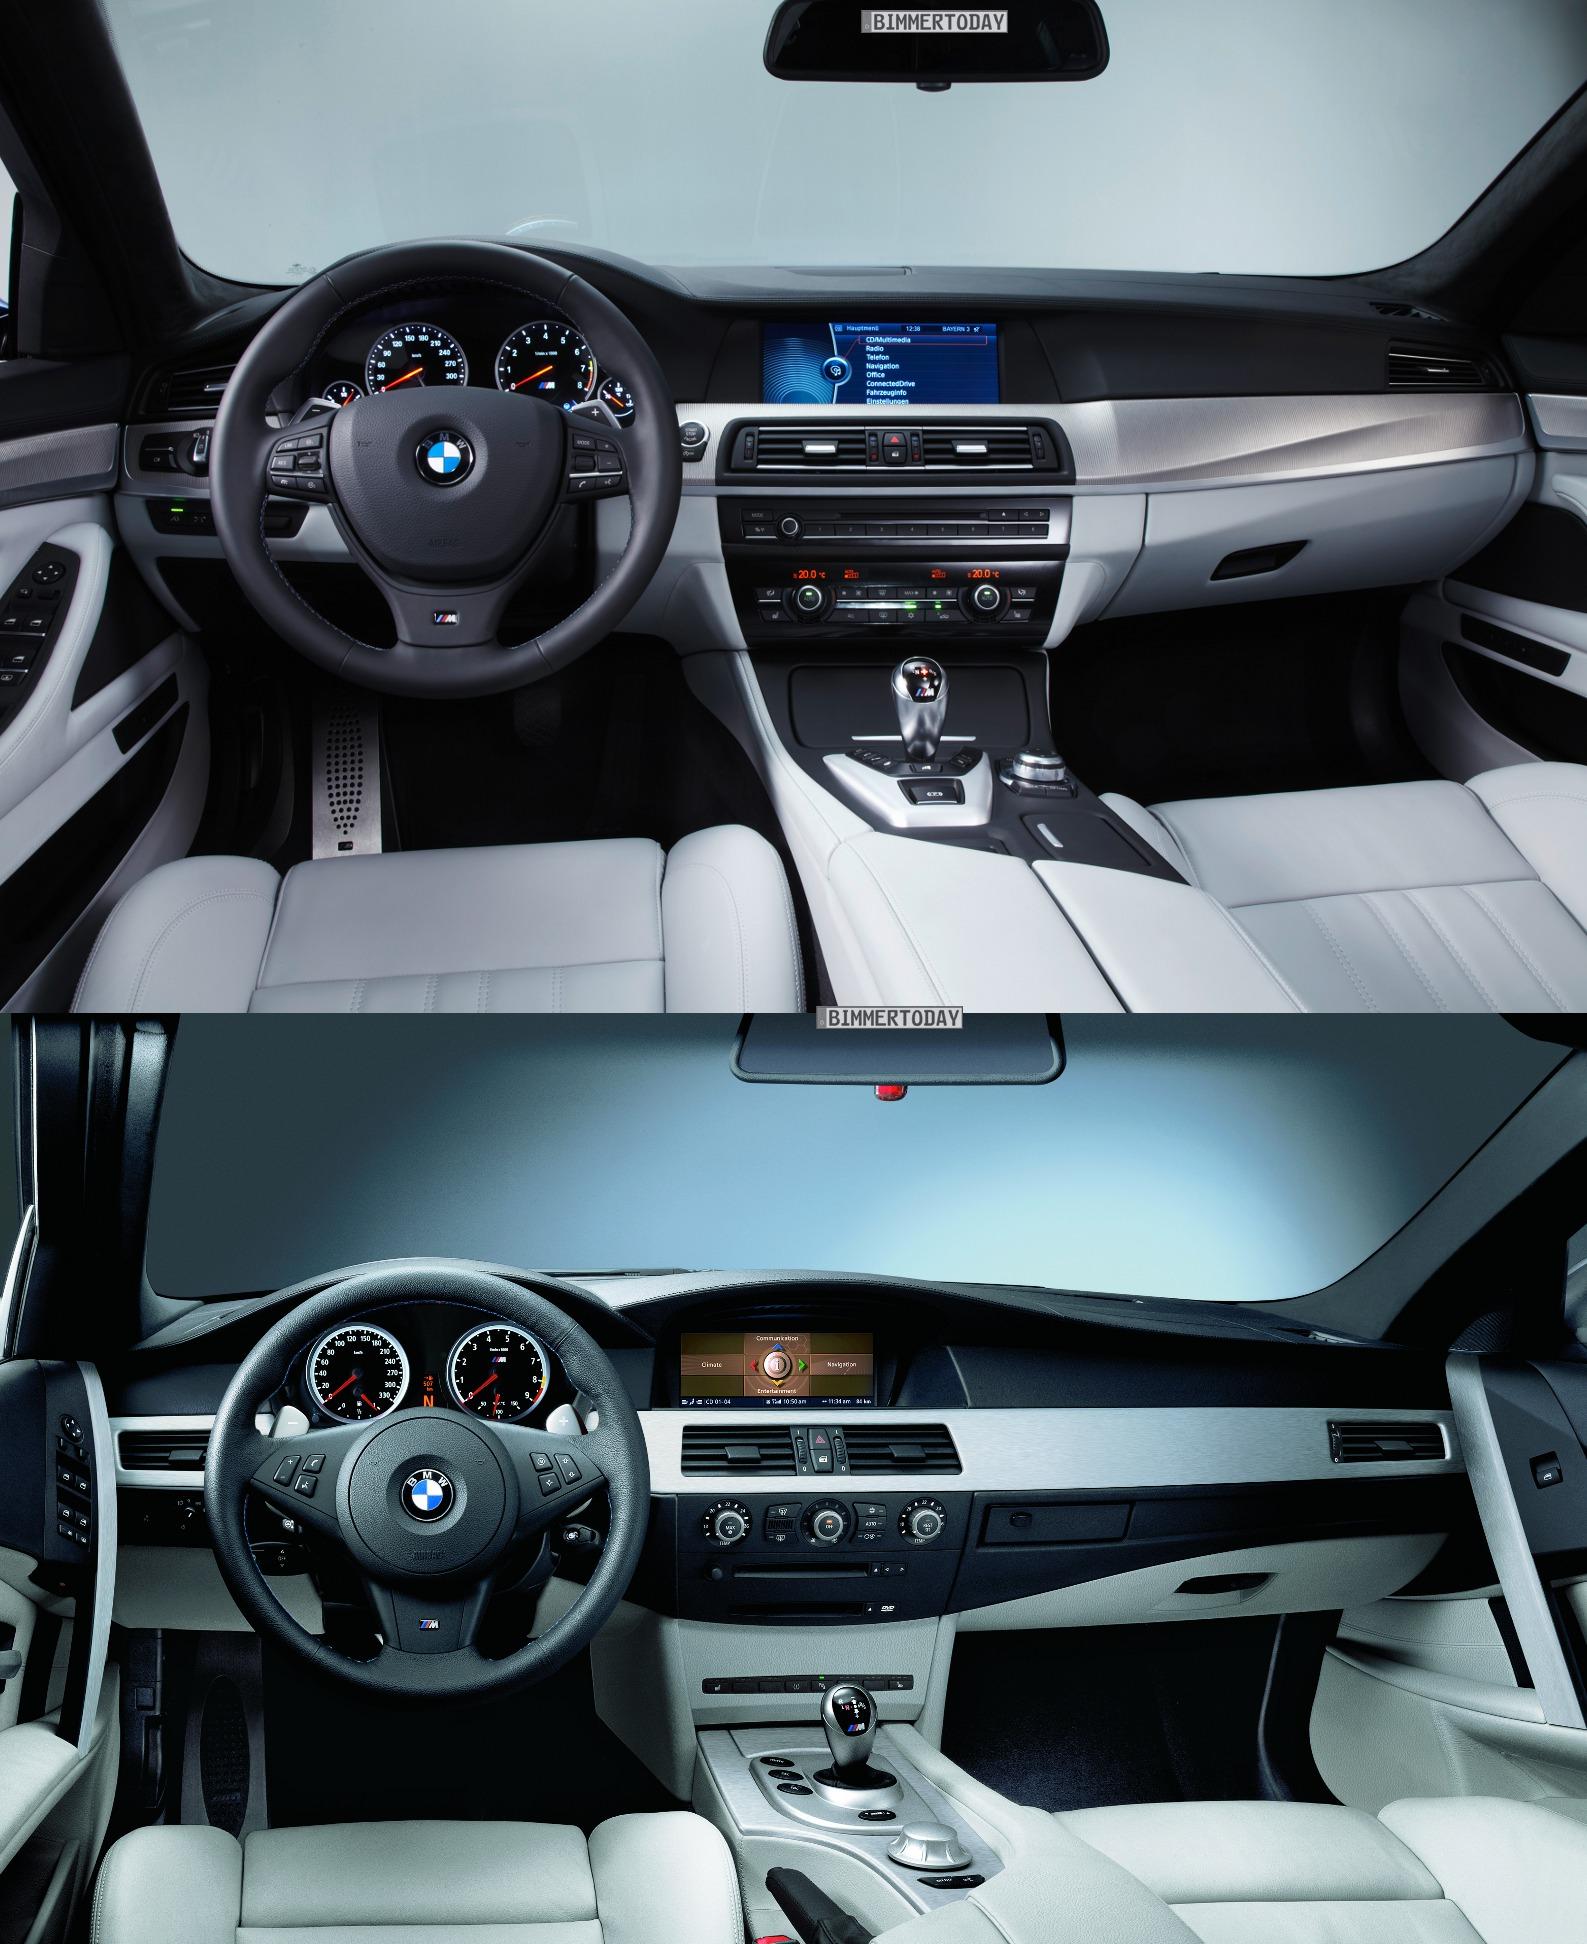 M5 E60: Photo Comparison: 2012 BMW M5 Vs. E60 M5